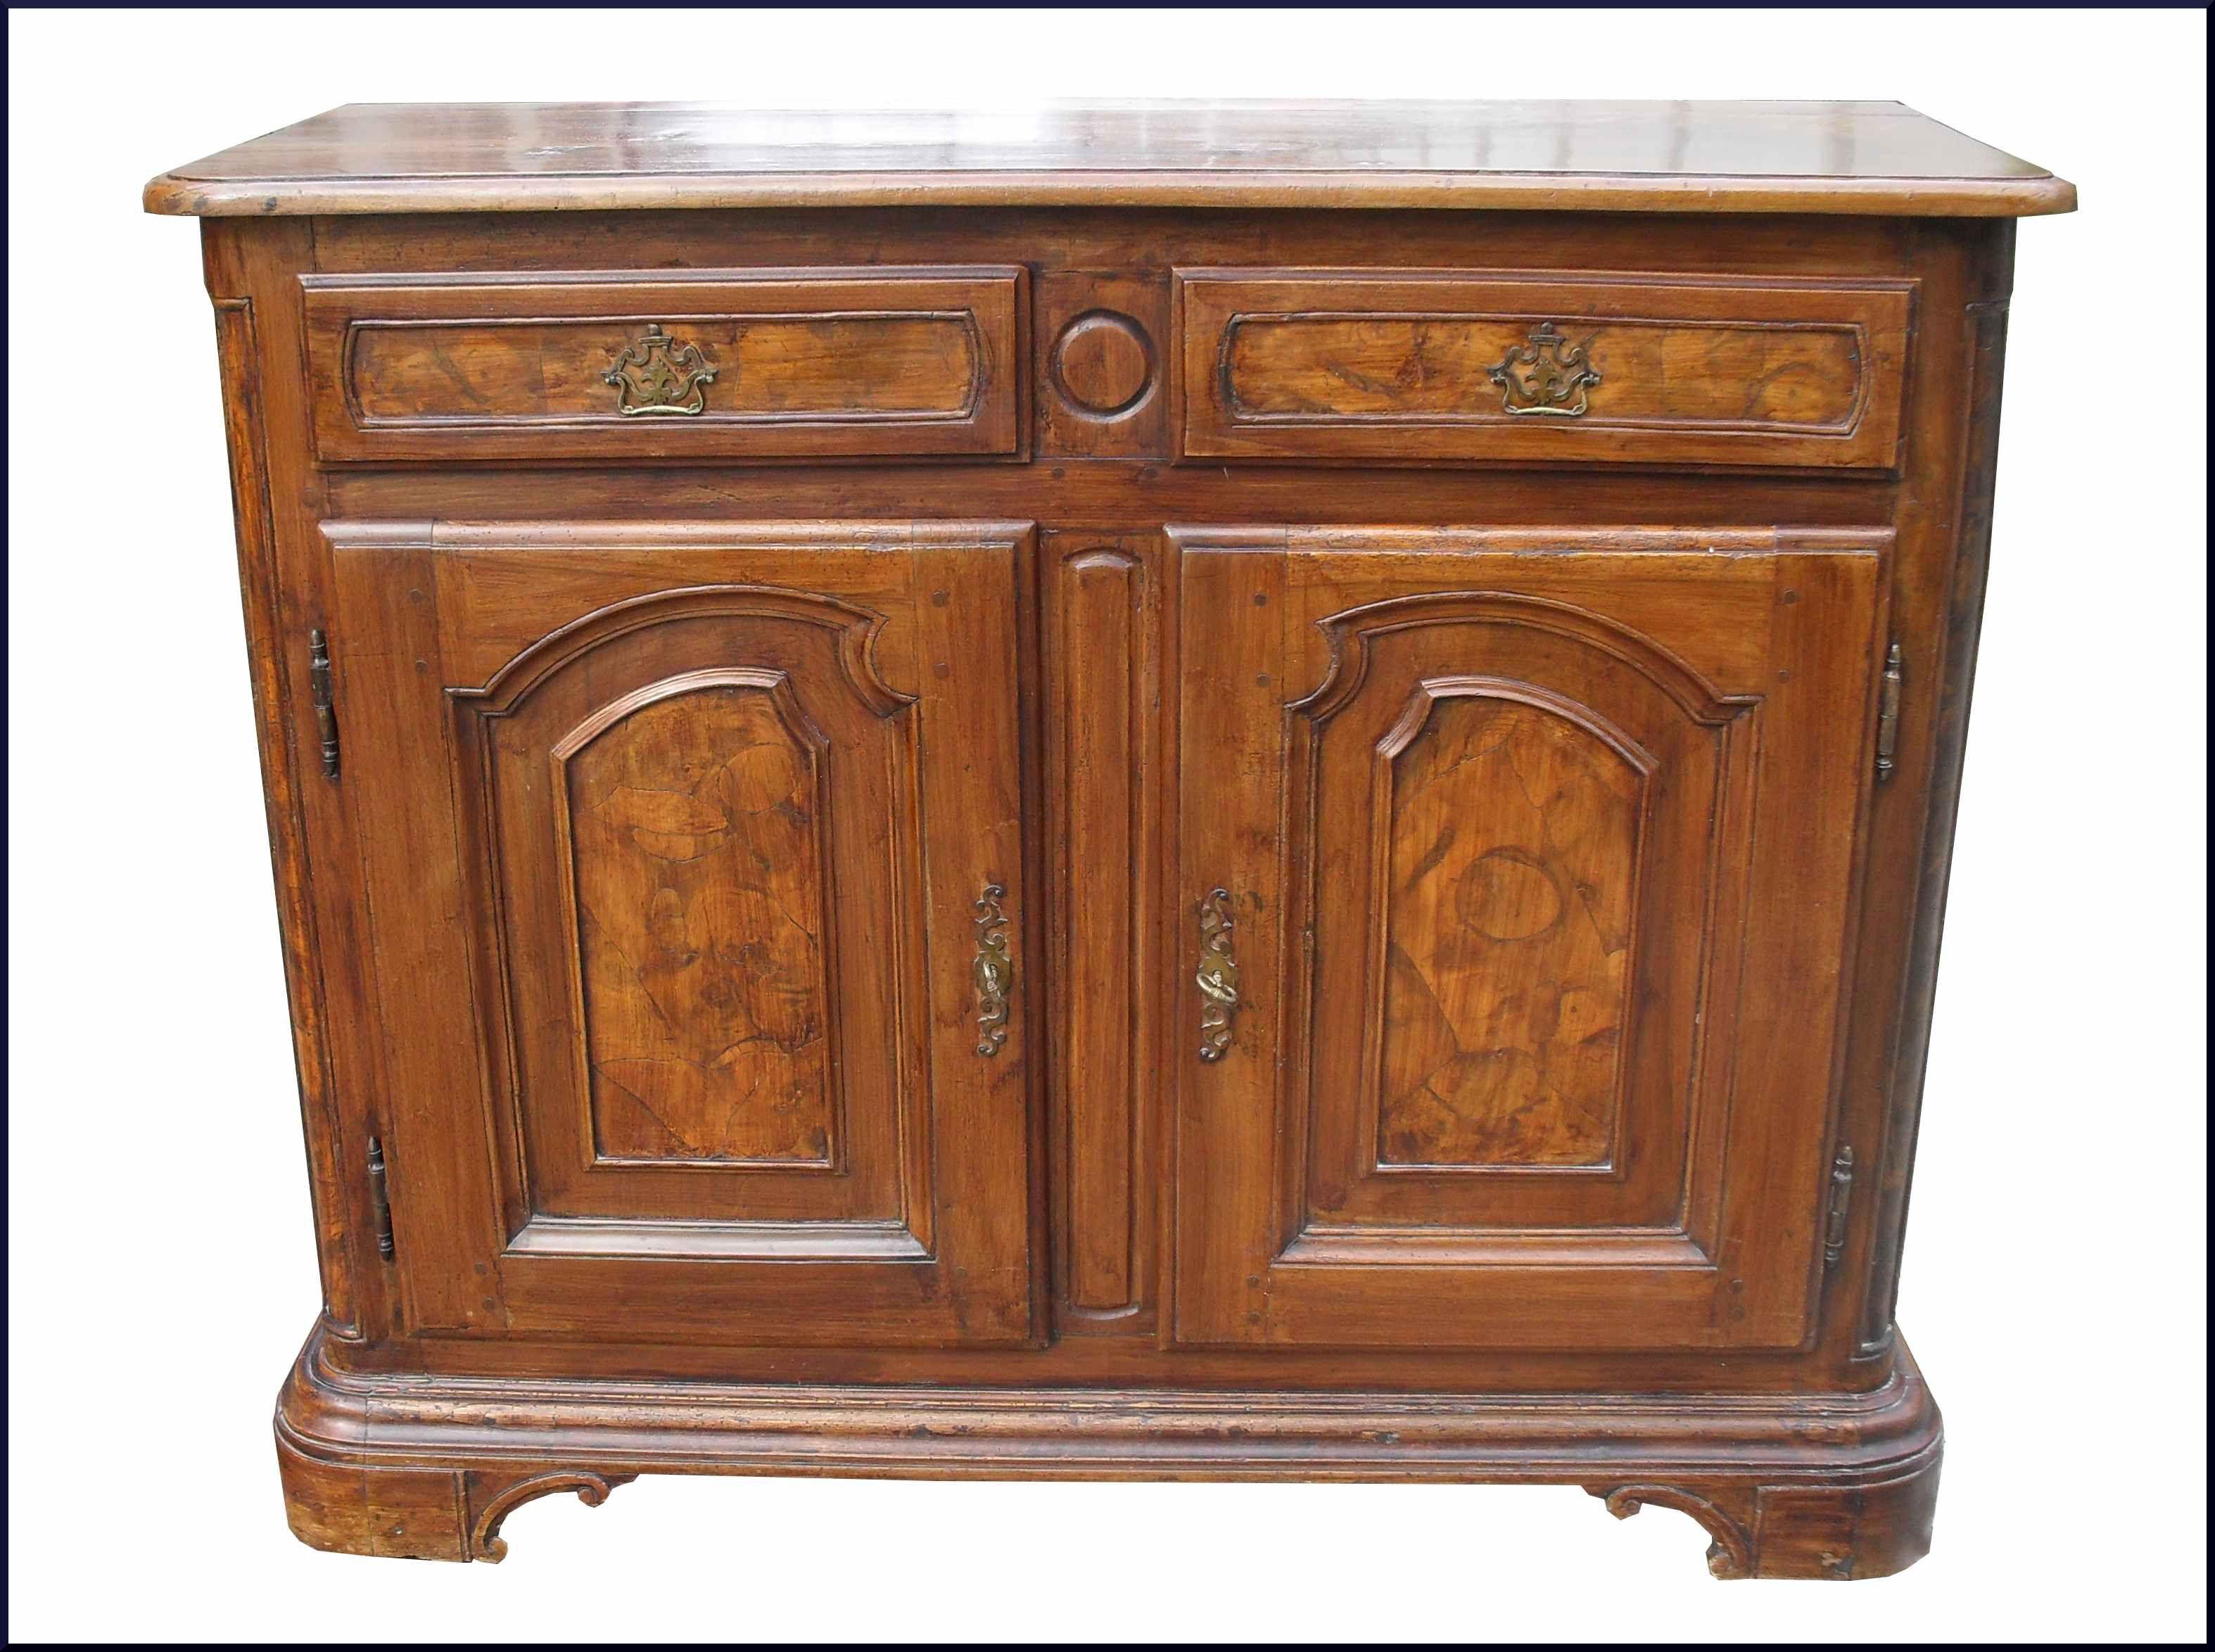 Credenza autentica restaurata con ante e cassetti radicati mobili antichi e d 39 epoca restaurati - Mobili restaurati ...